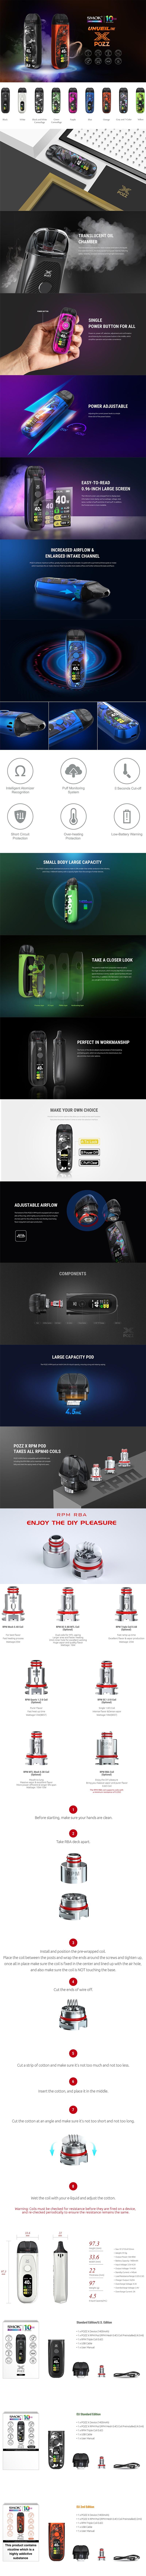 SMOKTech SMOK Pozz X 40W 1400mAh VW Pod System Vape Starter Kit